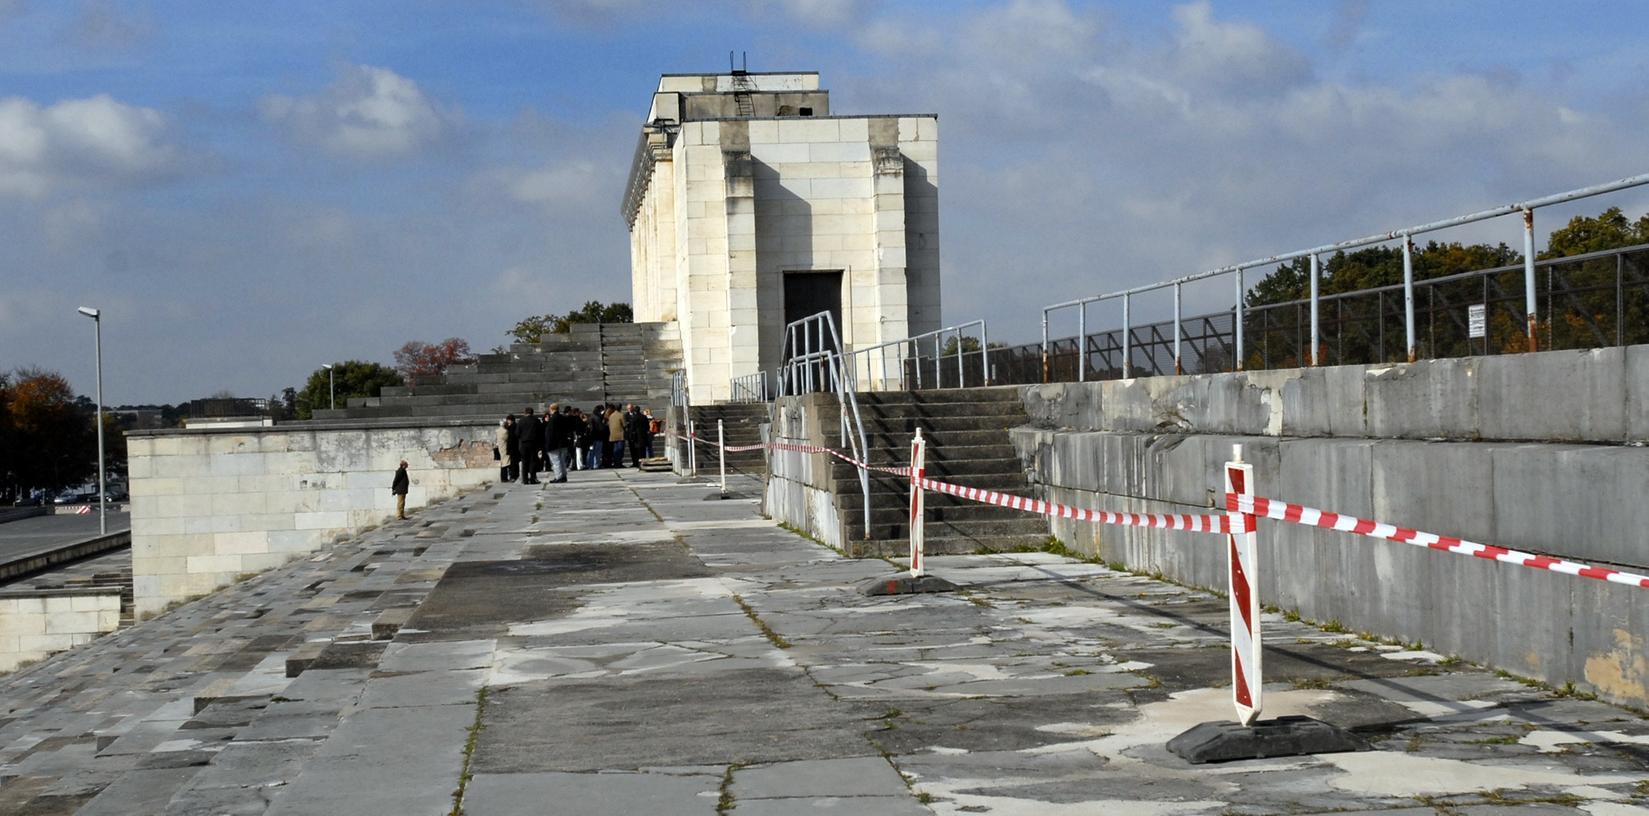 66 Jahre nach Kriegsende bröselt, was 1000 Jahre halten sollte: 75 Millionen Euro werden benötigt, um die Zeppelintribüne wieder begehbar zu machen.